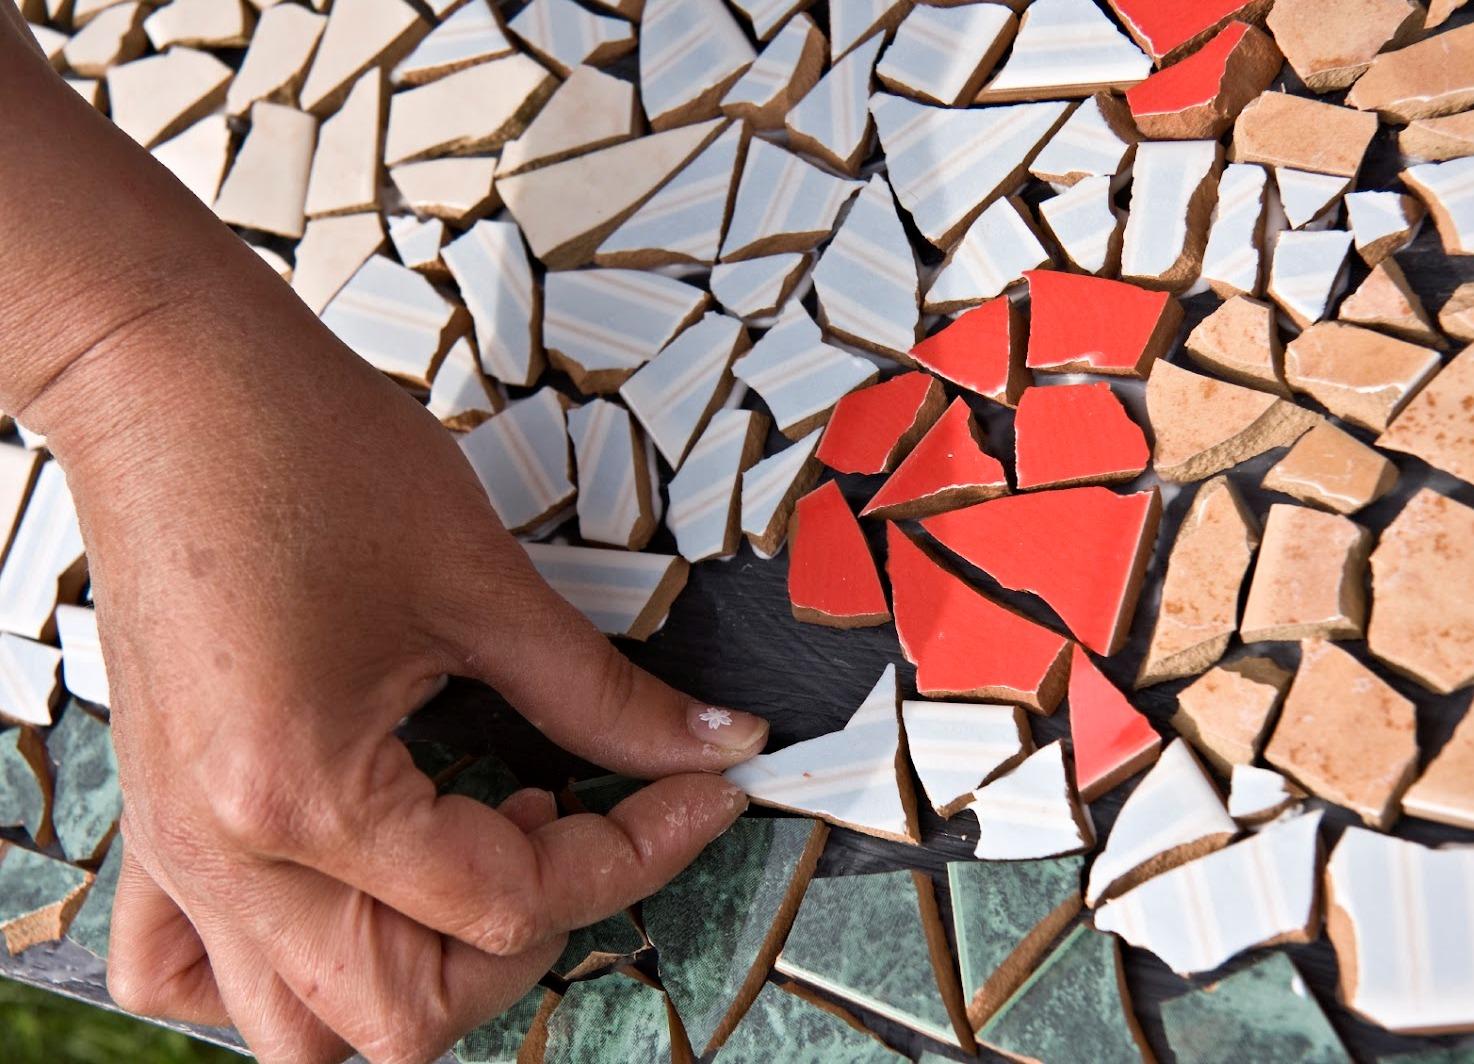 Поделки из битой плитки на даче